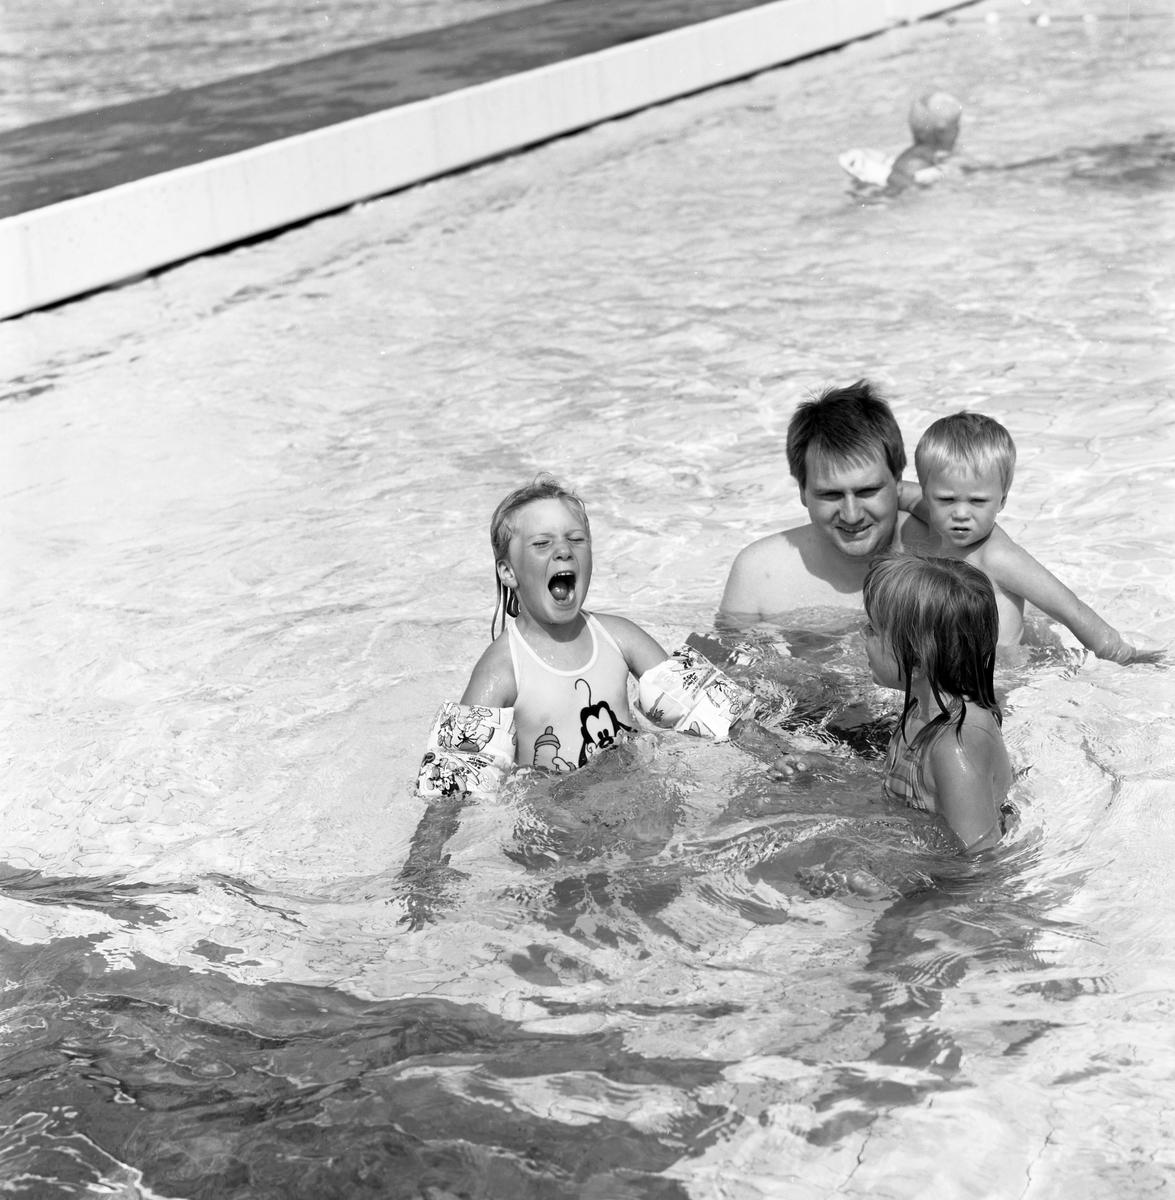 Familjen Sjöberg badar i utomhusbassängen på Ekbacksbadet. Pappa Leif Sjöberg har Simon Sjöberg på armen. Dottern Sara Sjöberg till vänster. Okänd flicka framför familjen.